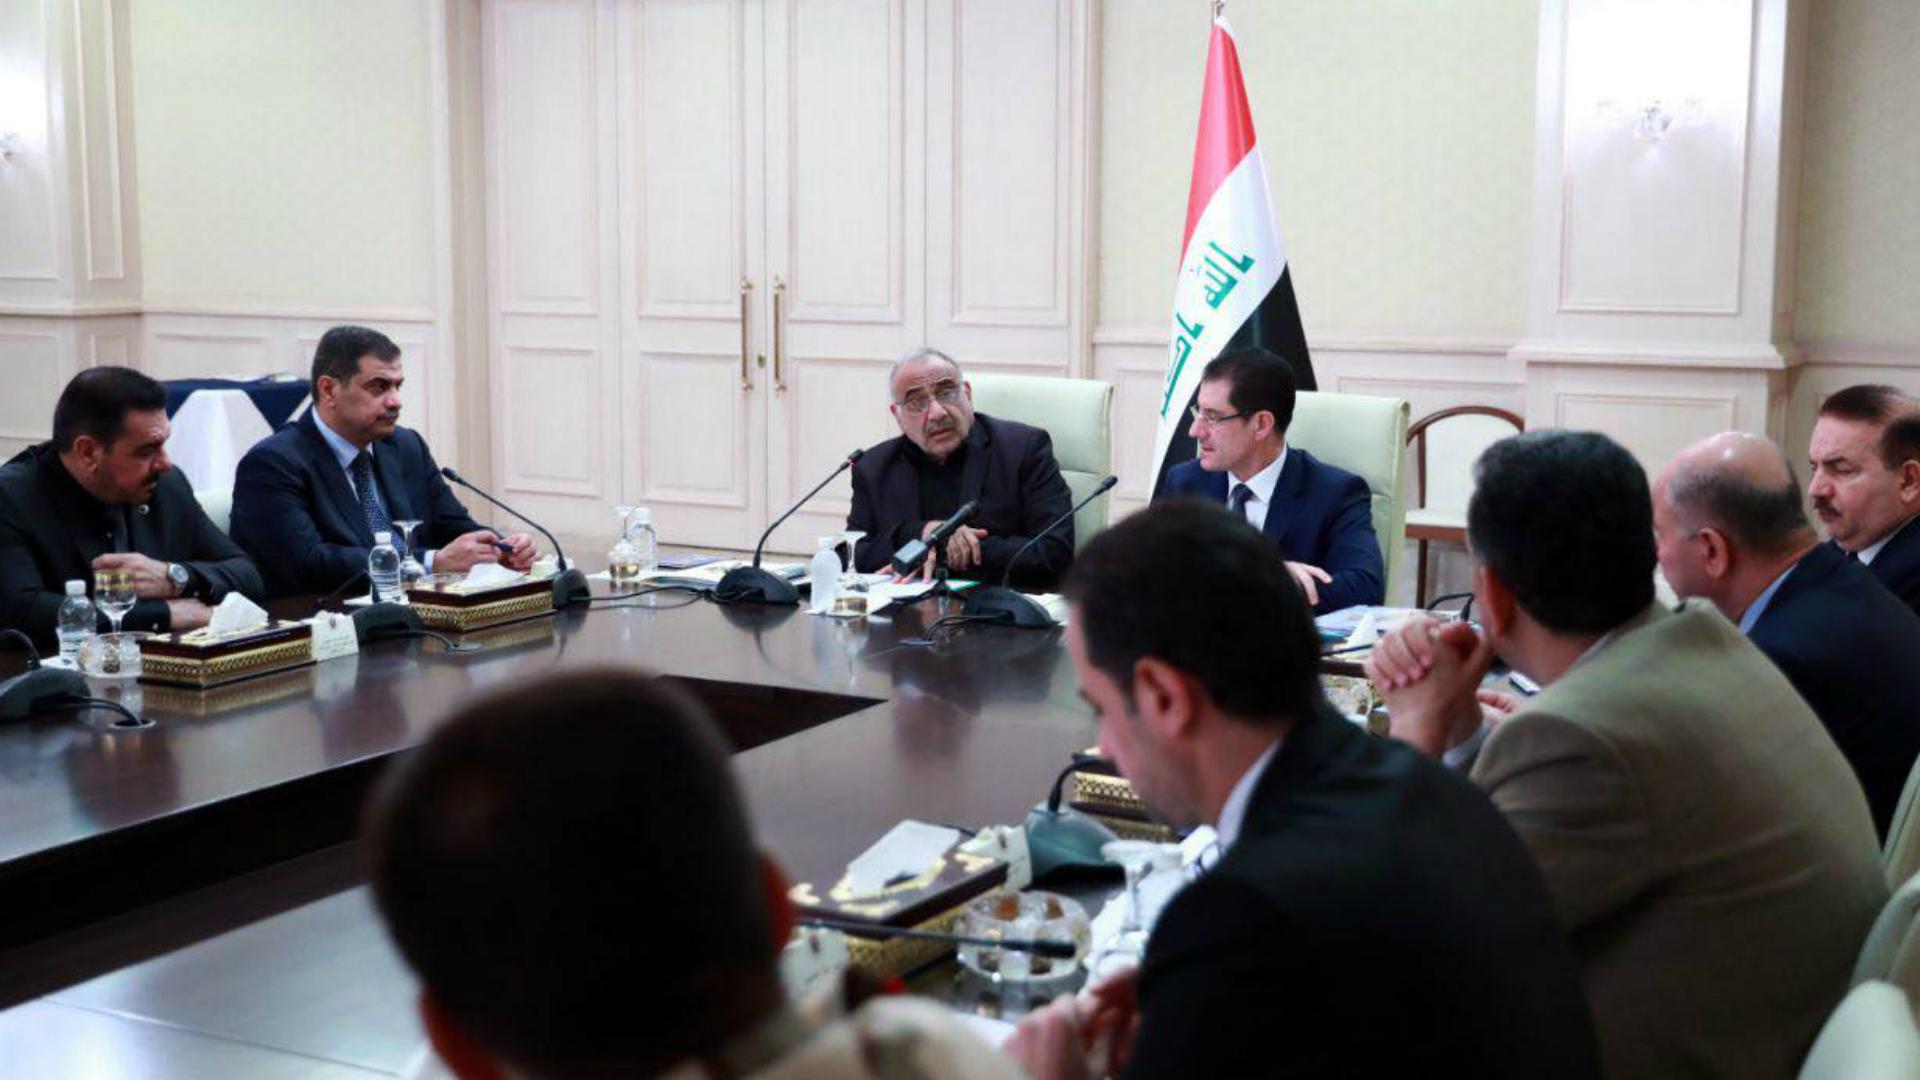 اللجنة الوزارية للتحقيق في المظاهرات تعلن موعد تسليم تقريرها النهائي